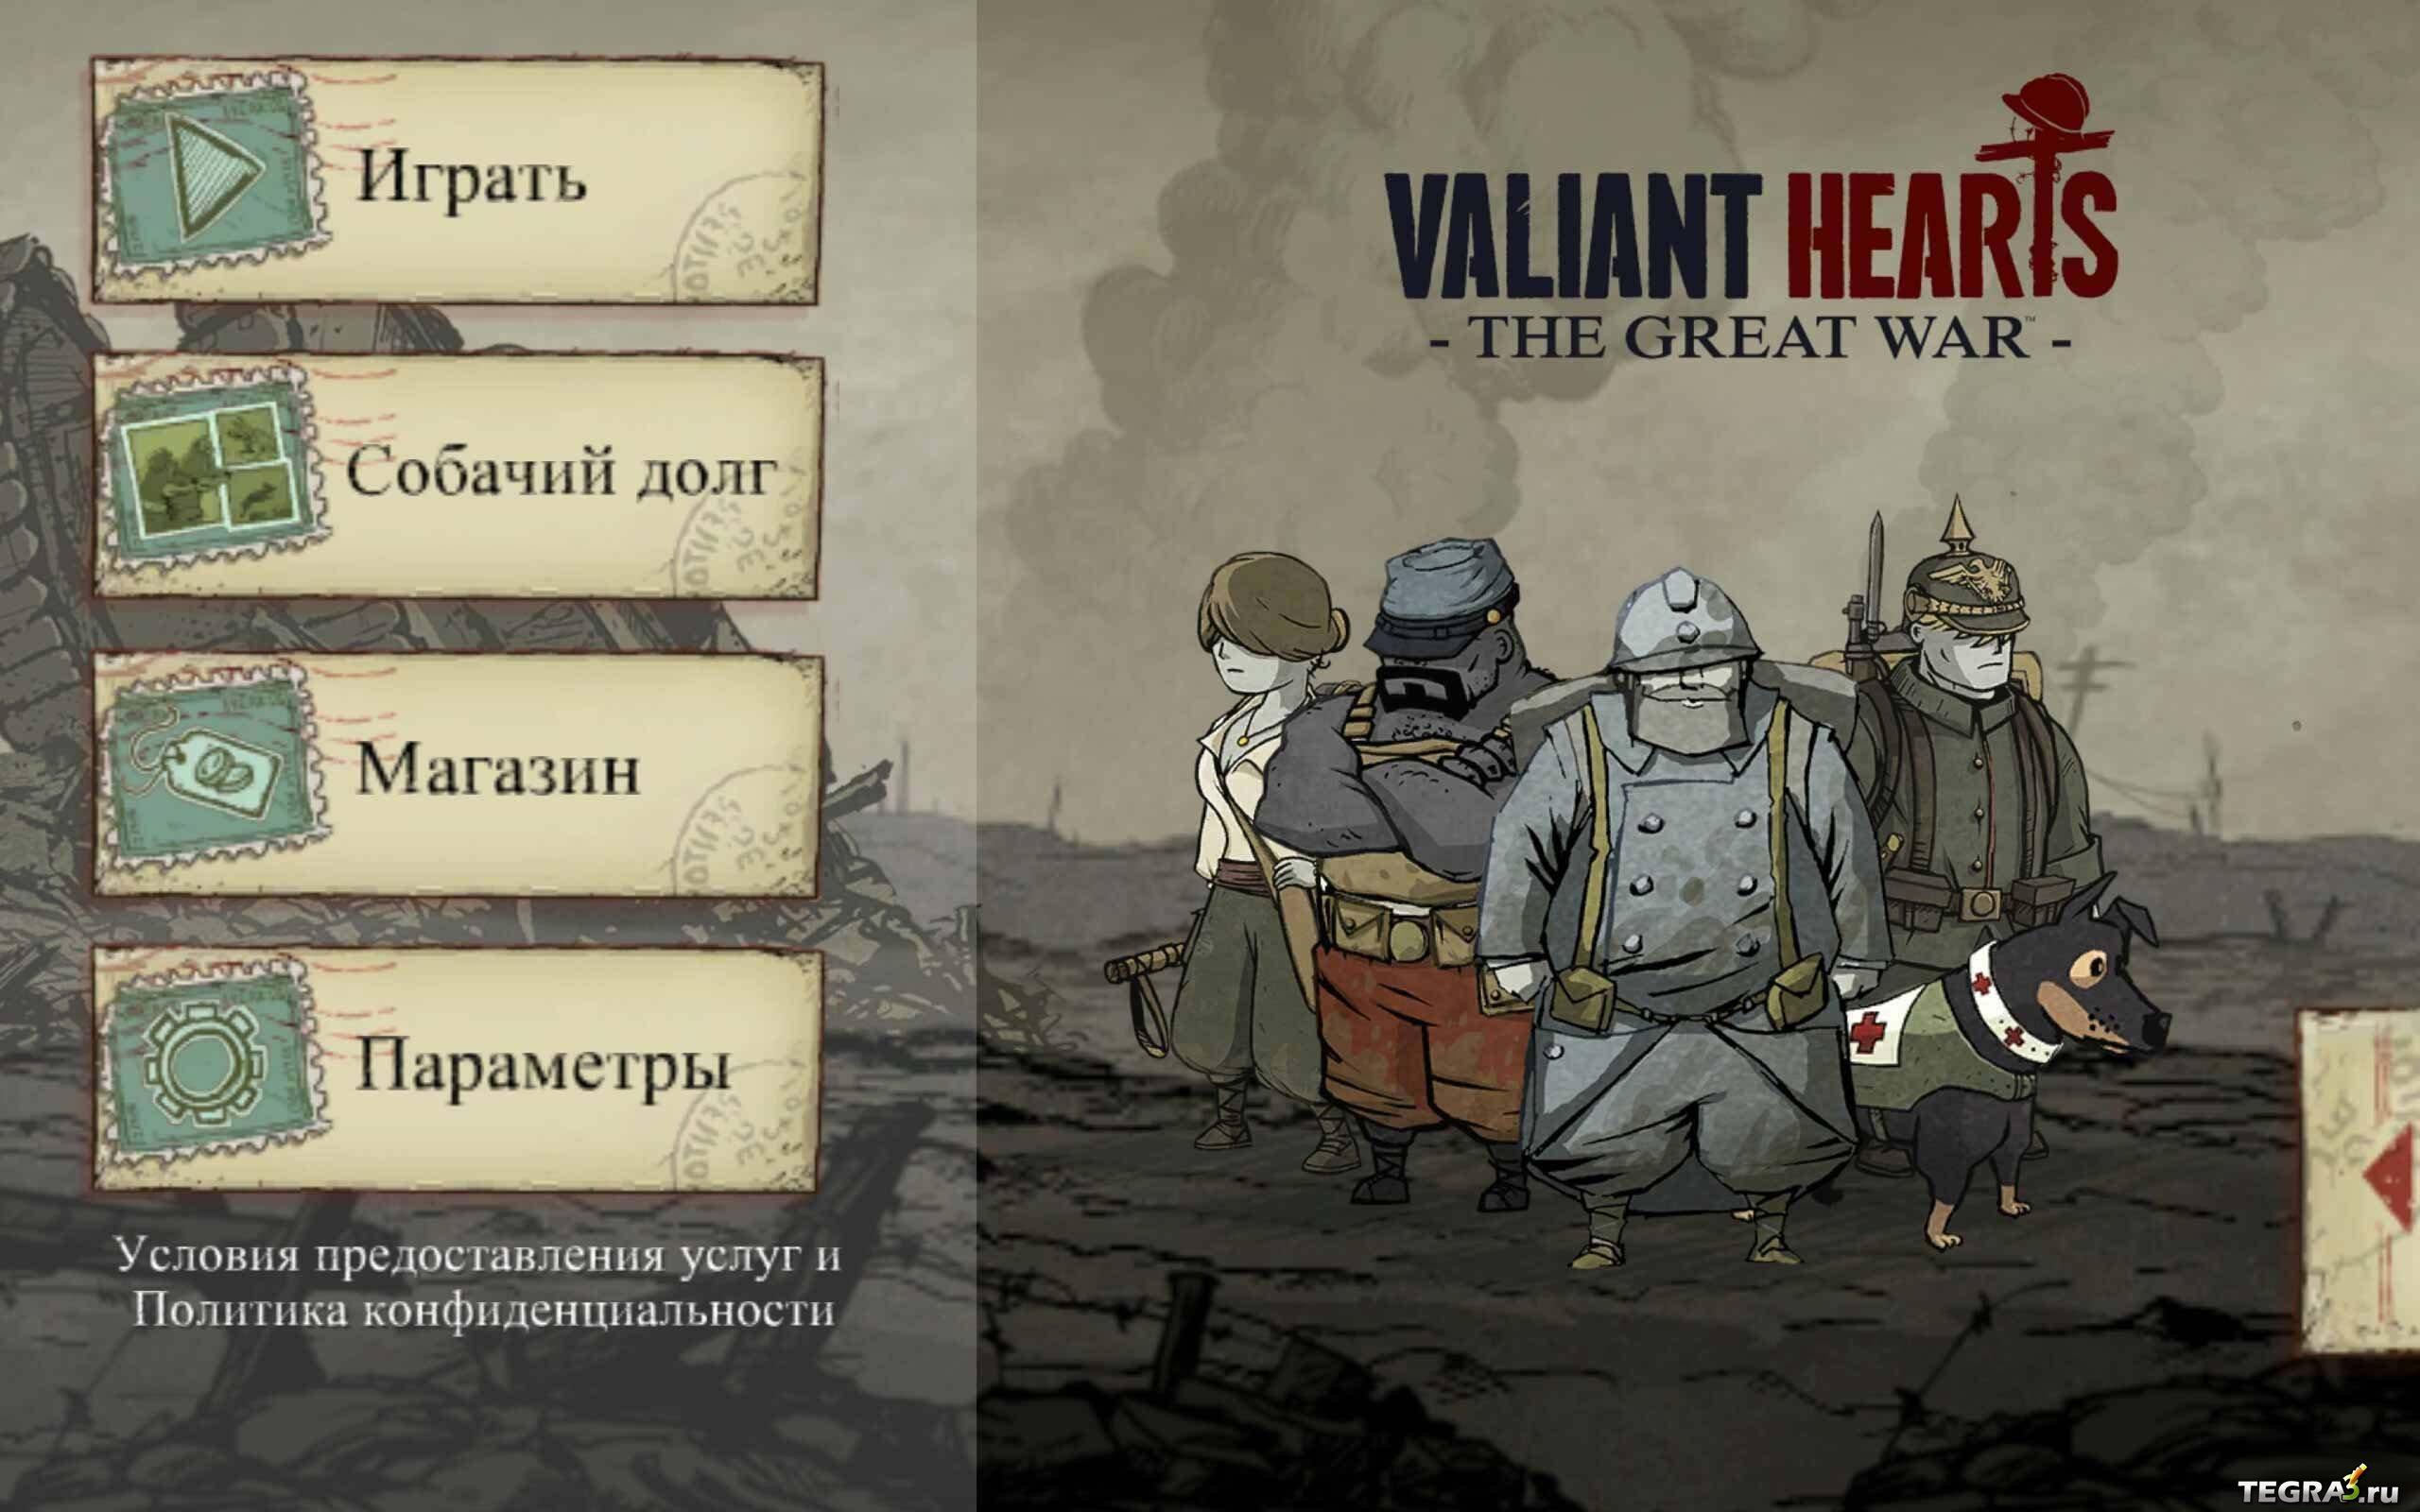 VALIANT HEARTS THE GREAT WAR НА АНДРОИД ПОЛНАЯ ВЕРСИЯ СКАЧАТЬ БЕСПЛАТНО